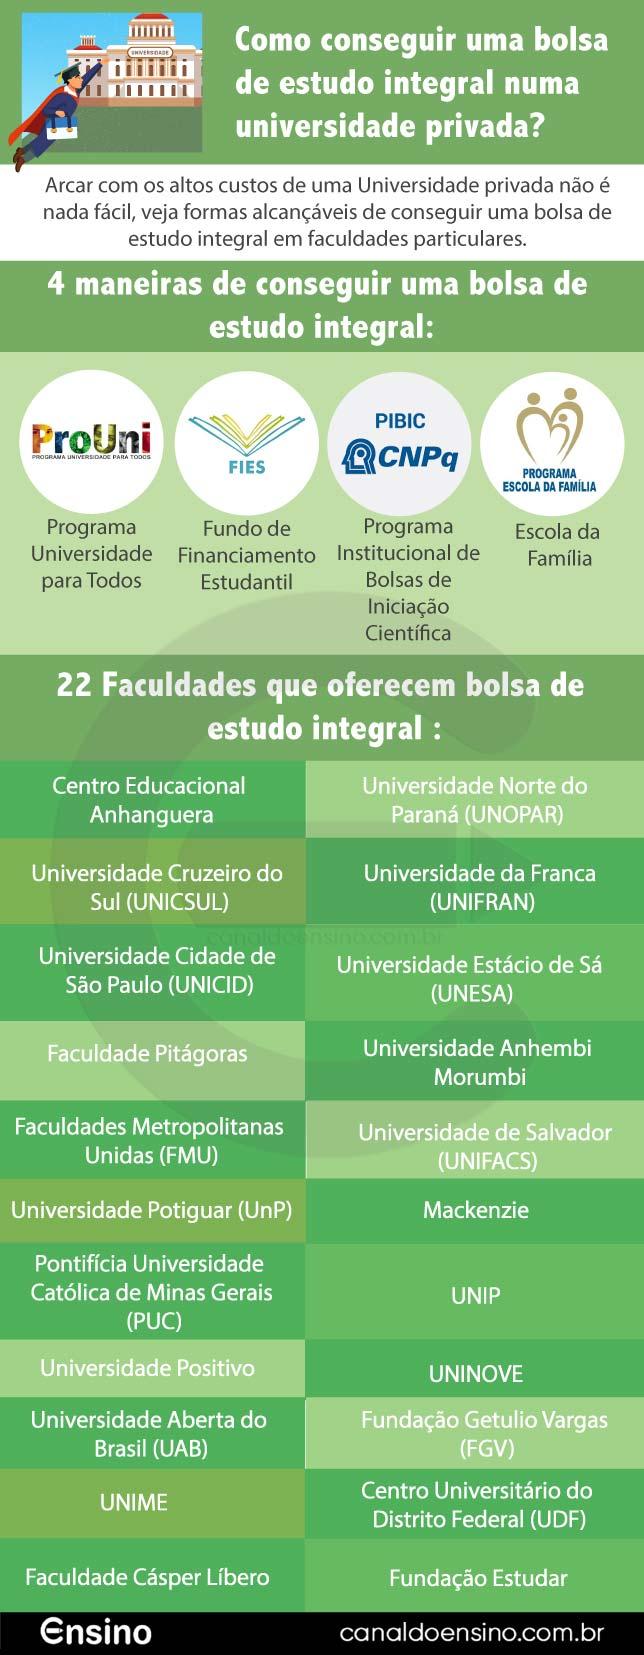 infografico_como-conseguir-uma-bolsa-de-estudo-integral-numa-universidade-privada-01